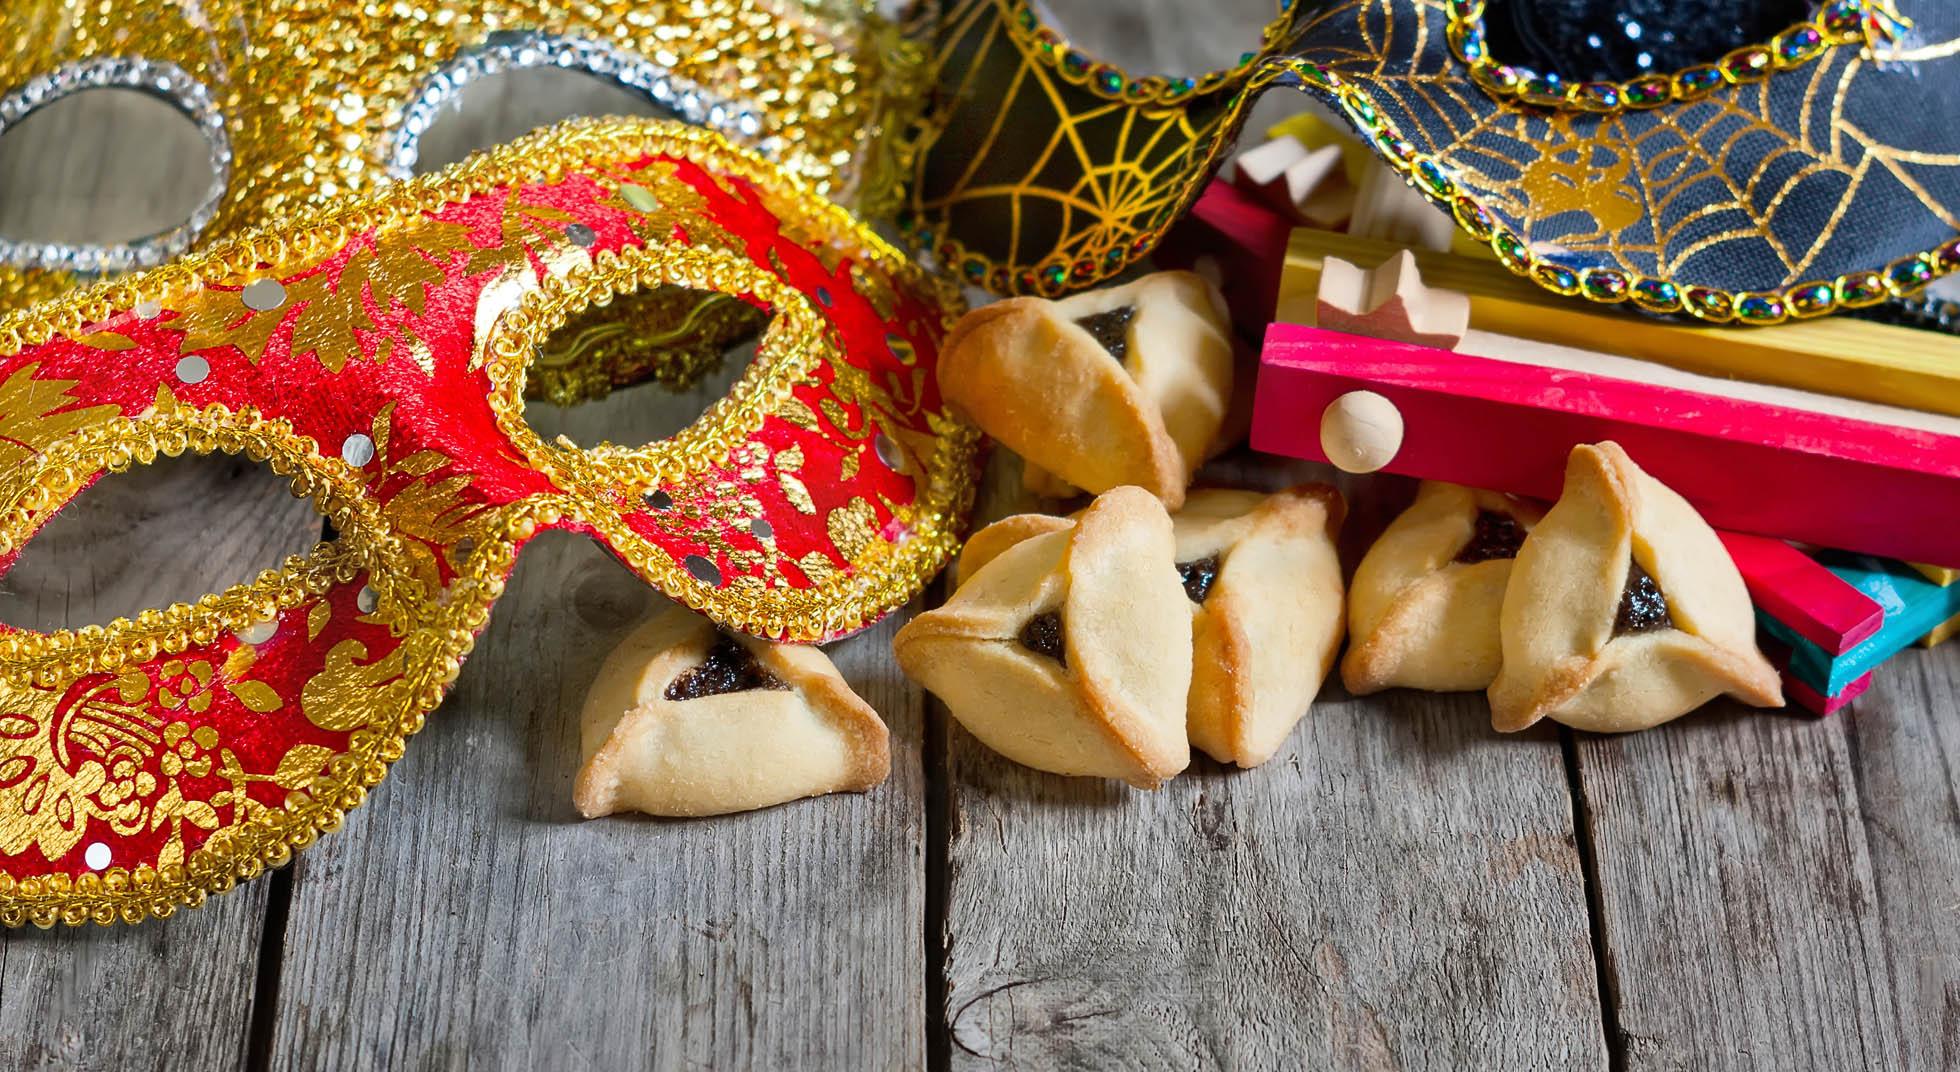 Come decorare la tavola per carnevale aia food - Decorare la tavola per carnevale ...